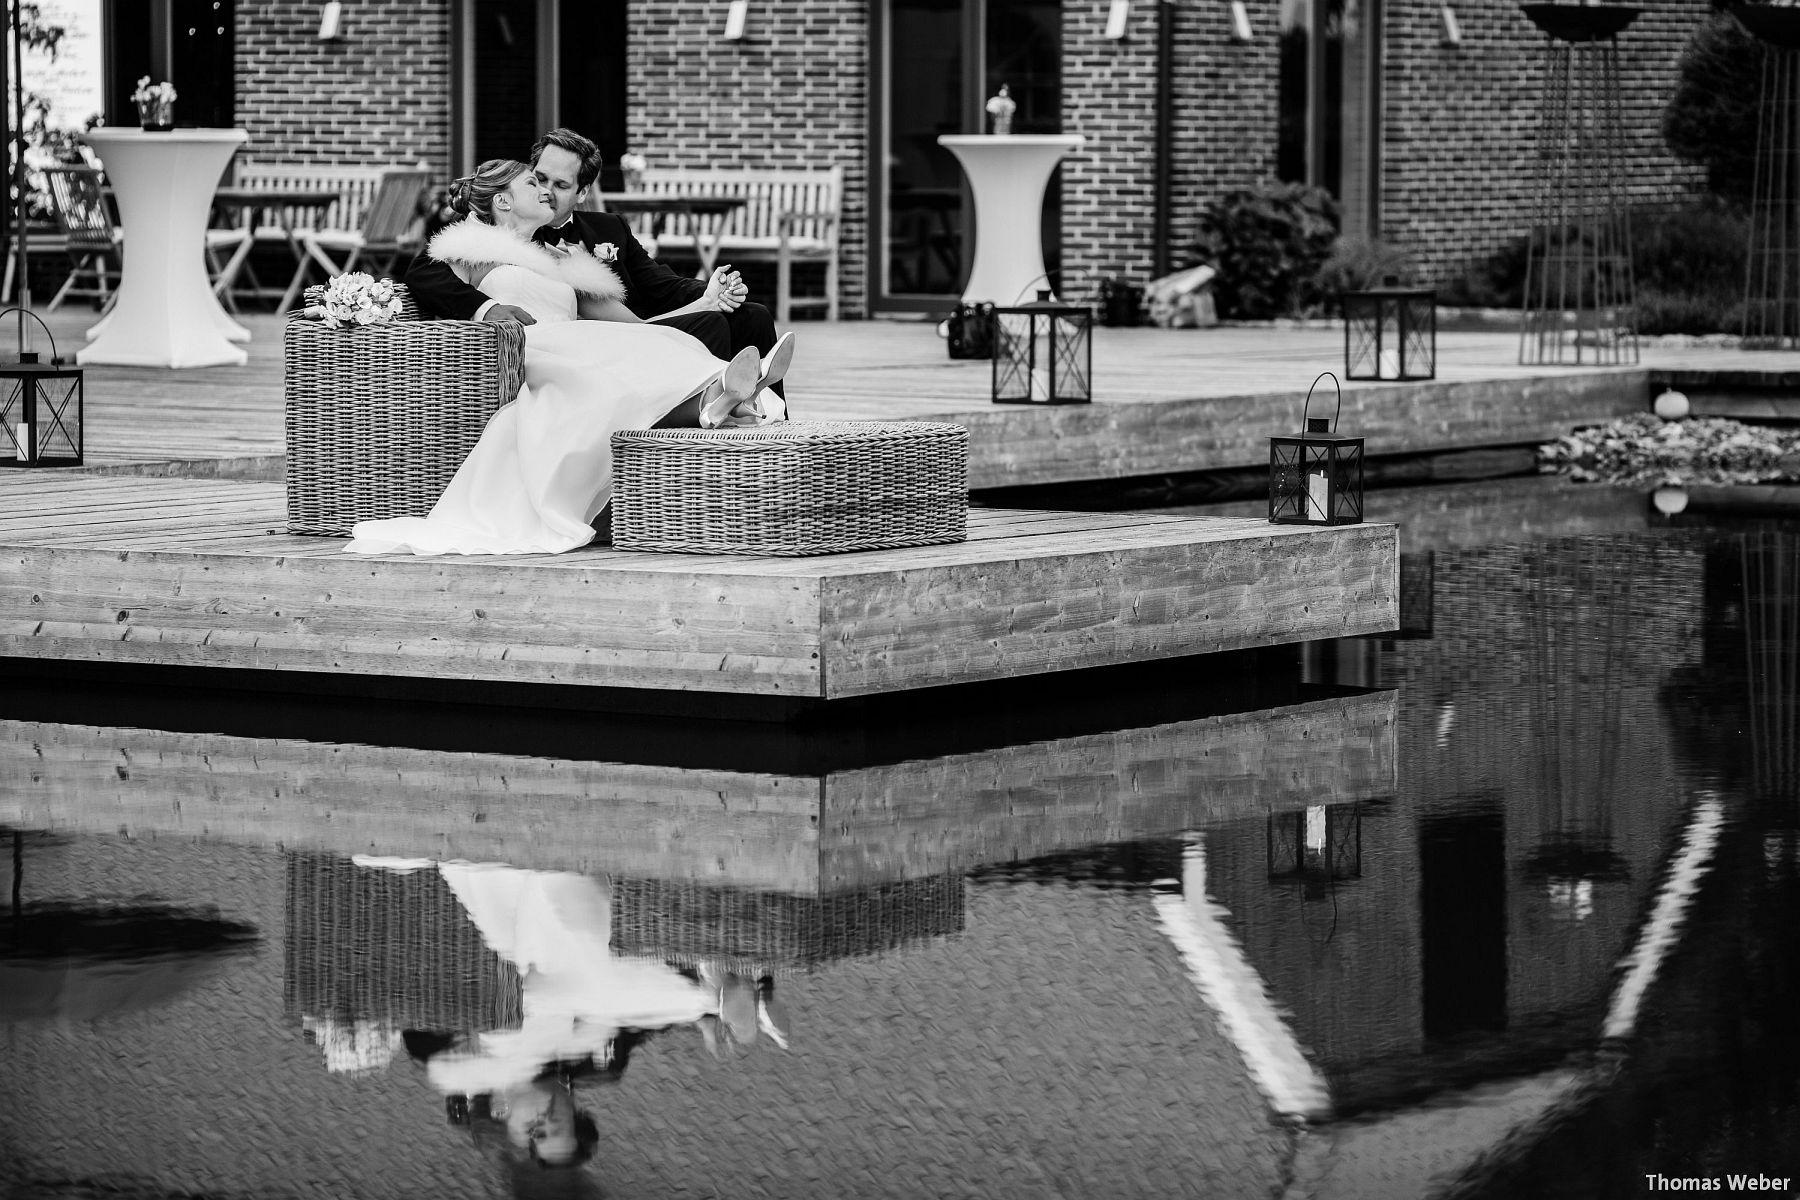 Hochzeitsfotograf Rastede: Kirchliche Trauung in der St. Ulrichs Kirche Rastede und Hochzeitsfeier in der Eventscheune St Georg Rastede mit dem Catering von Split Food (Michael Niebuhr) aus Oldenburg (12)